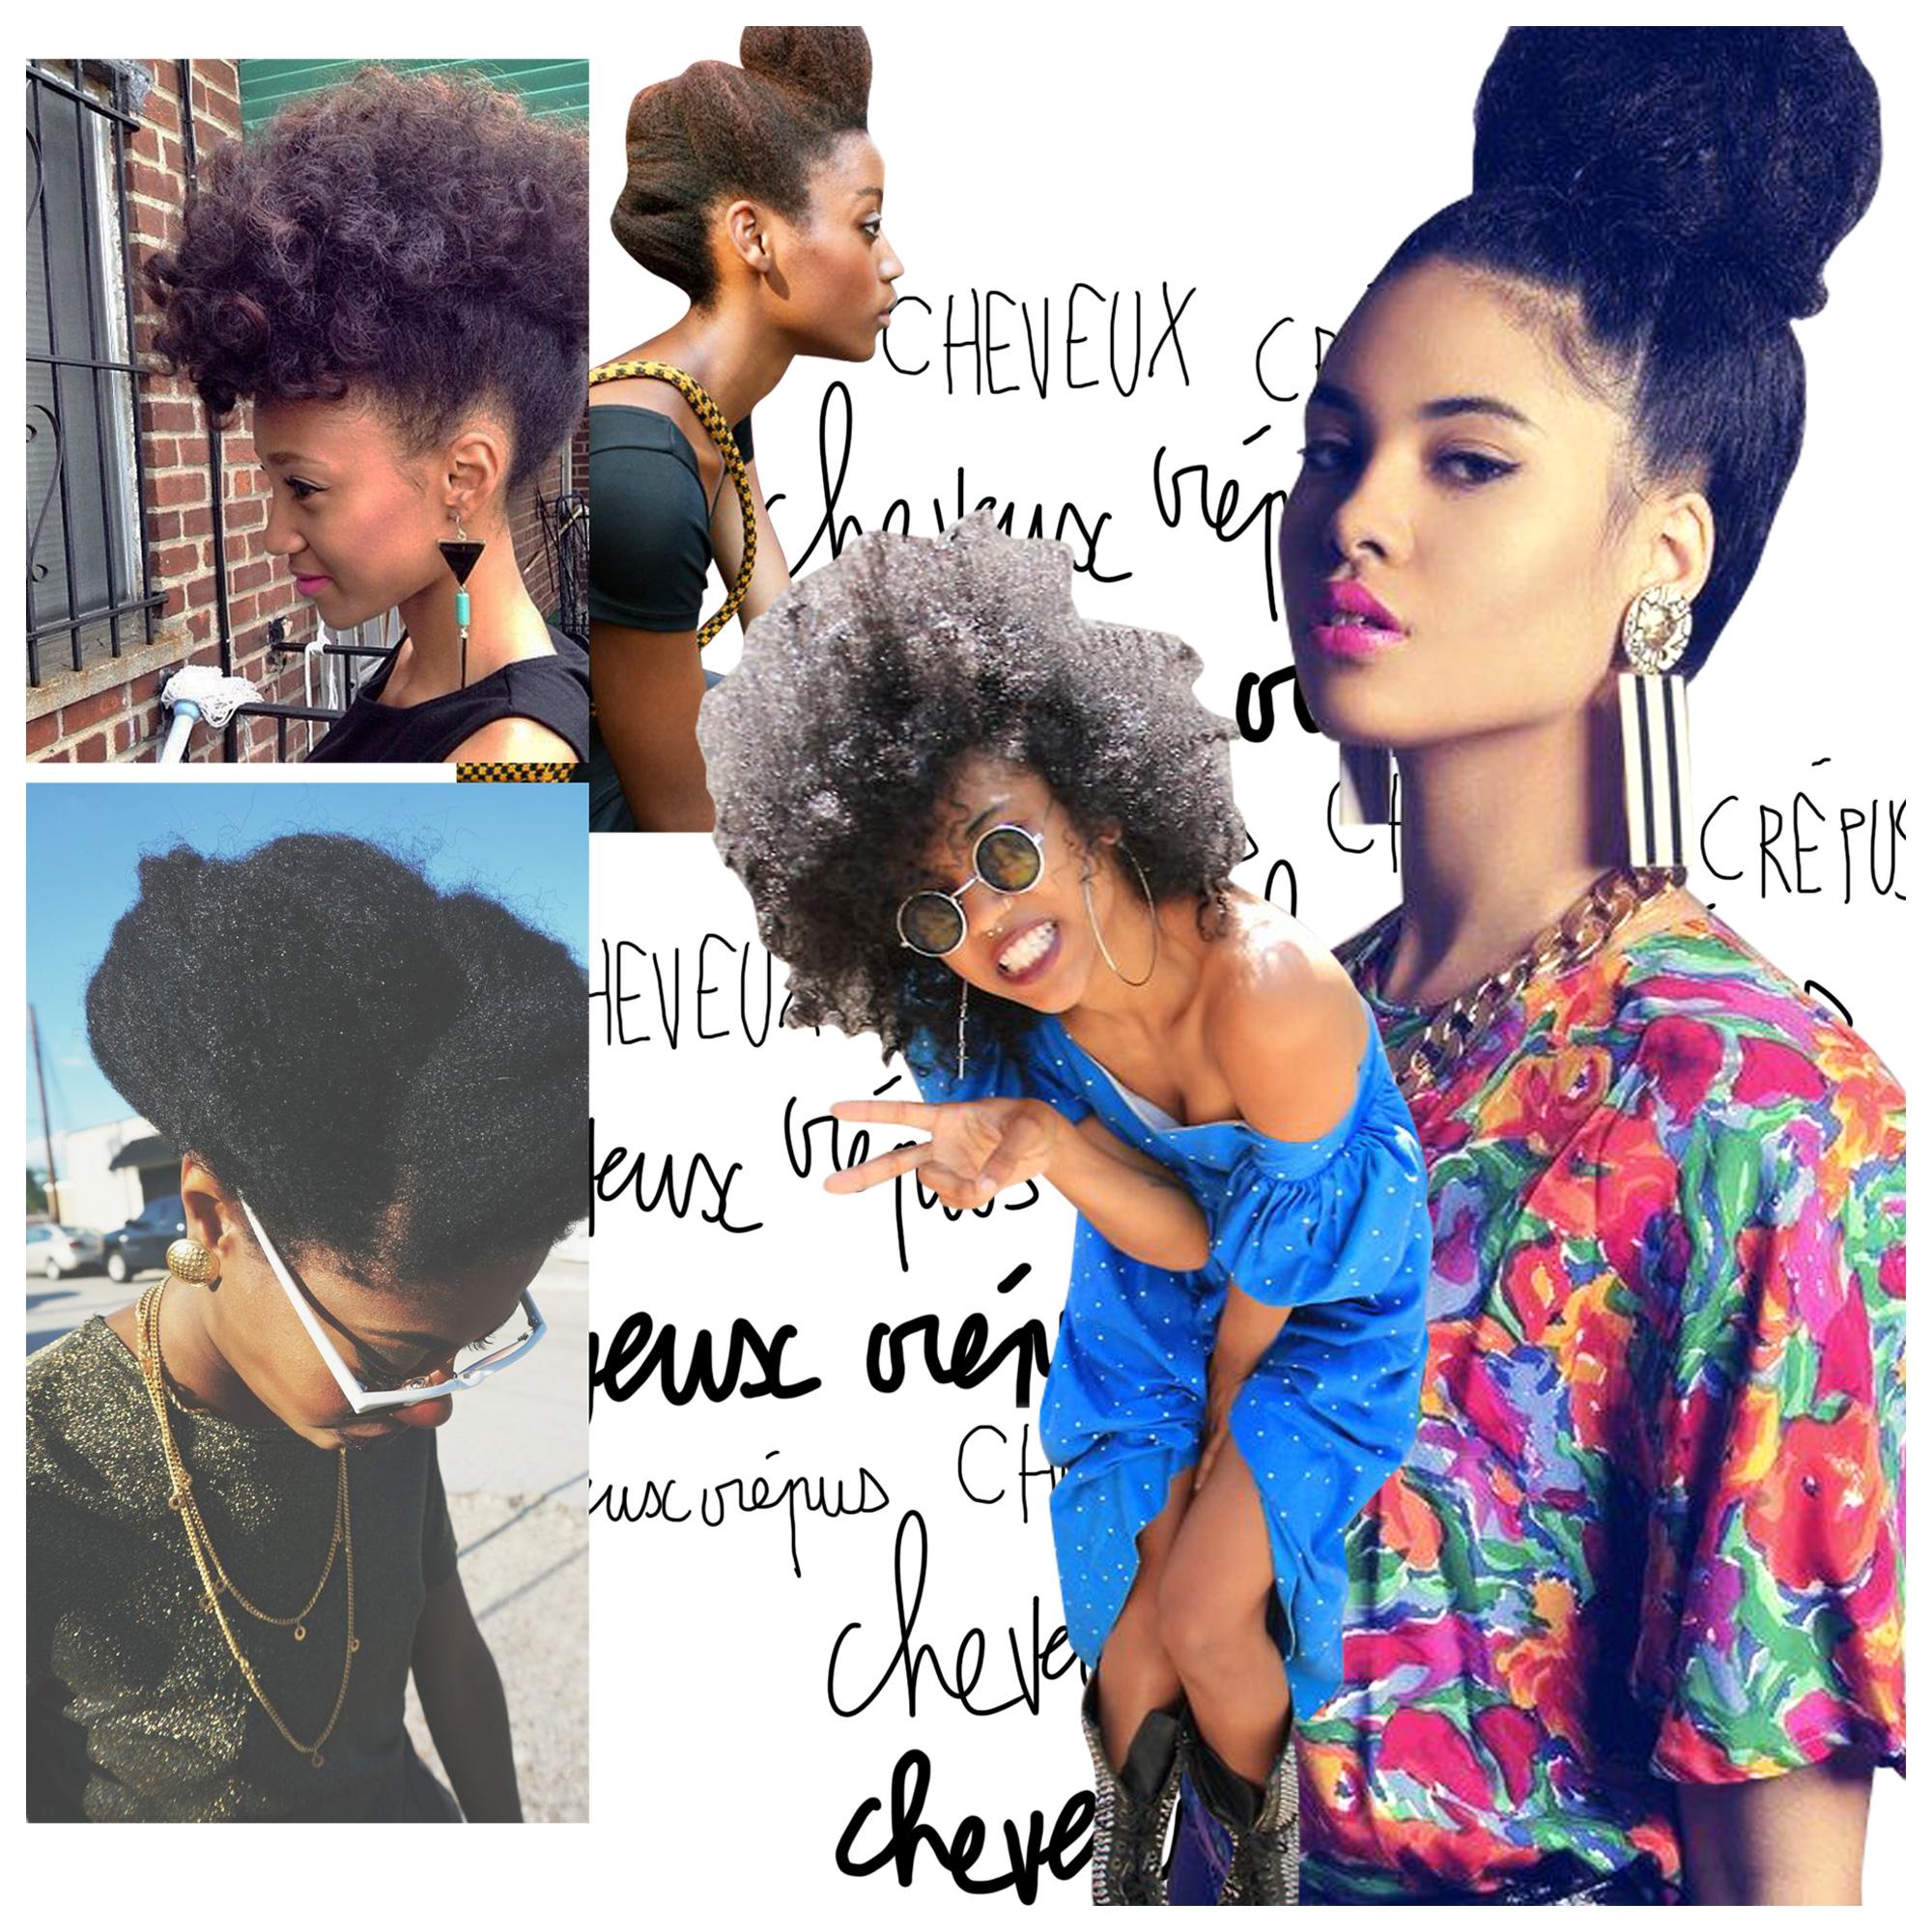 Cheveux cr pus 20 id es de coiffures pour cheveux cr pus - Comment couper la ciboulette pour qu elle repousse ...